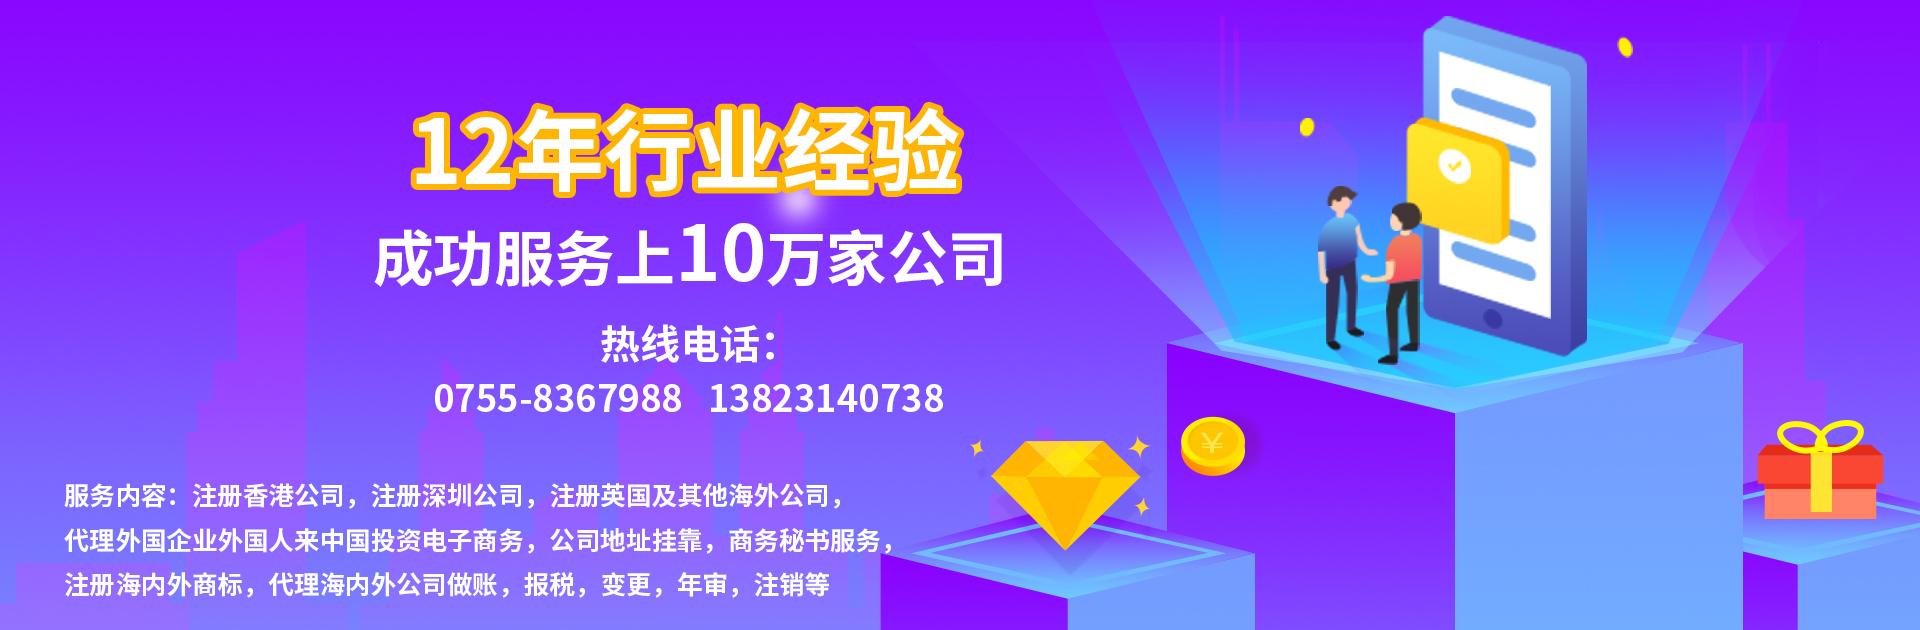 2020年在深圳注册一家公司的费用(多少钱)?-开心代办公司